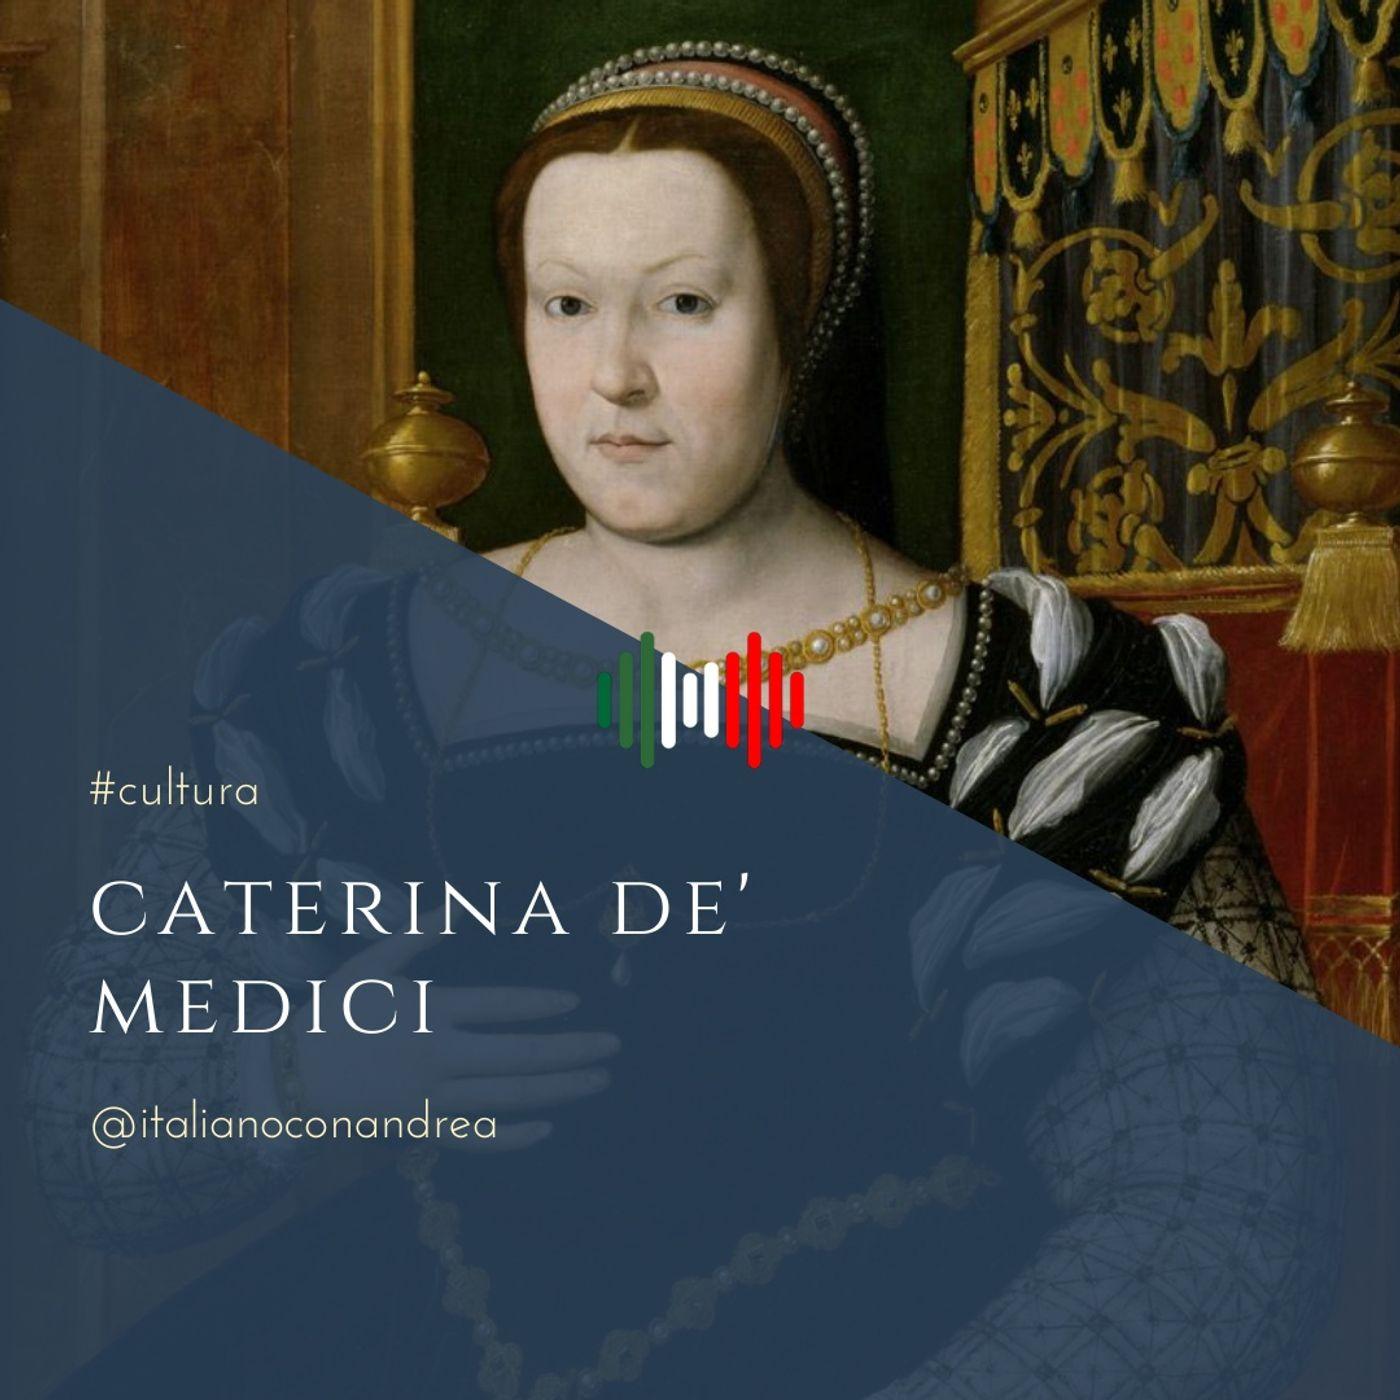 262. CULTURA: Caterina de' Medici